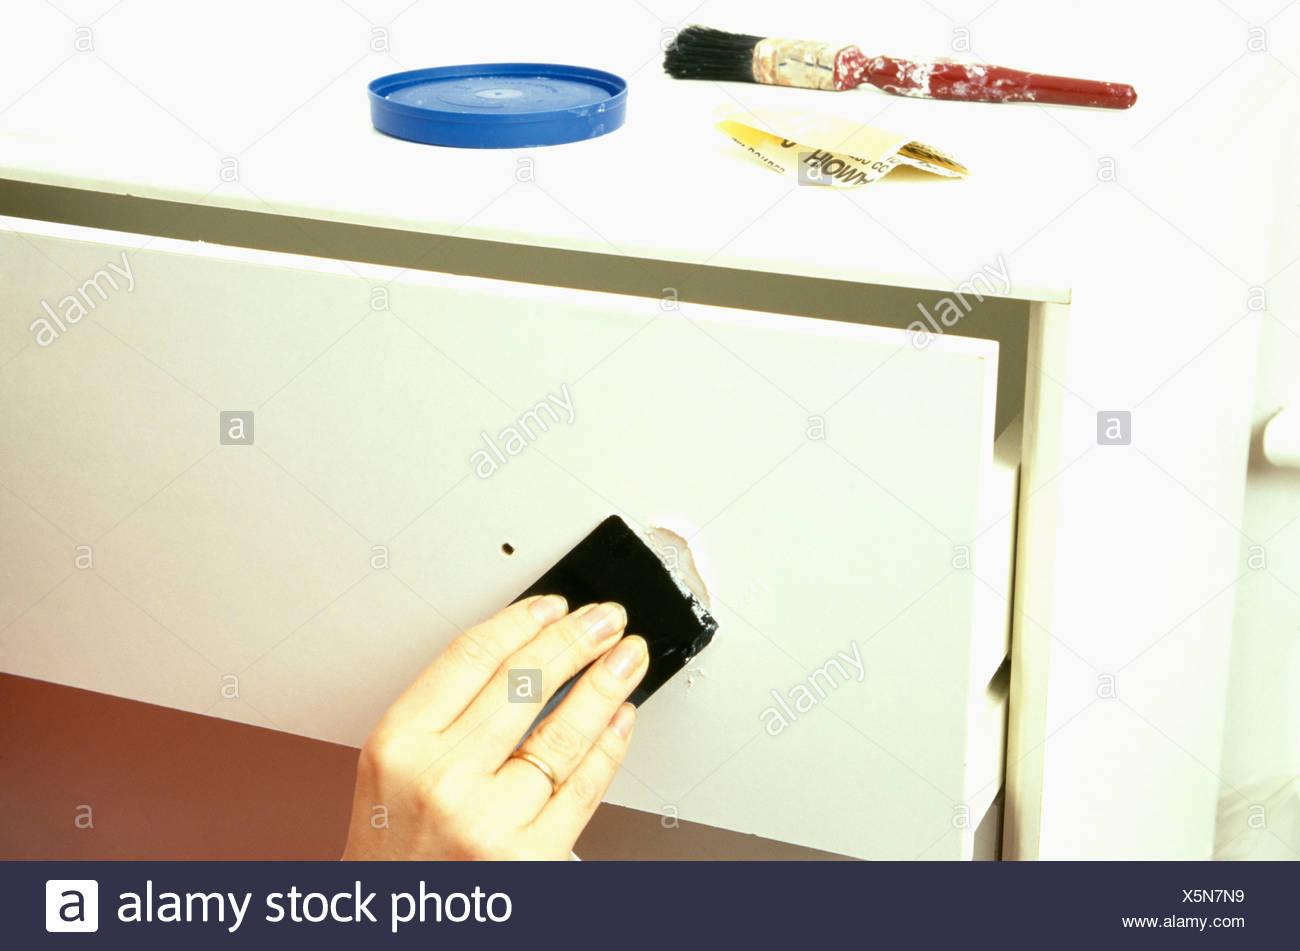 nahaufnahme der hand schmirgeln weiße schublade stockfoto, bild